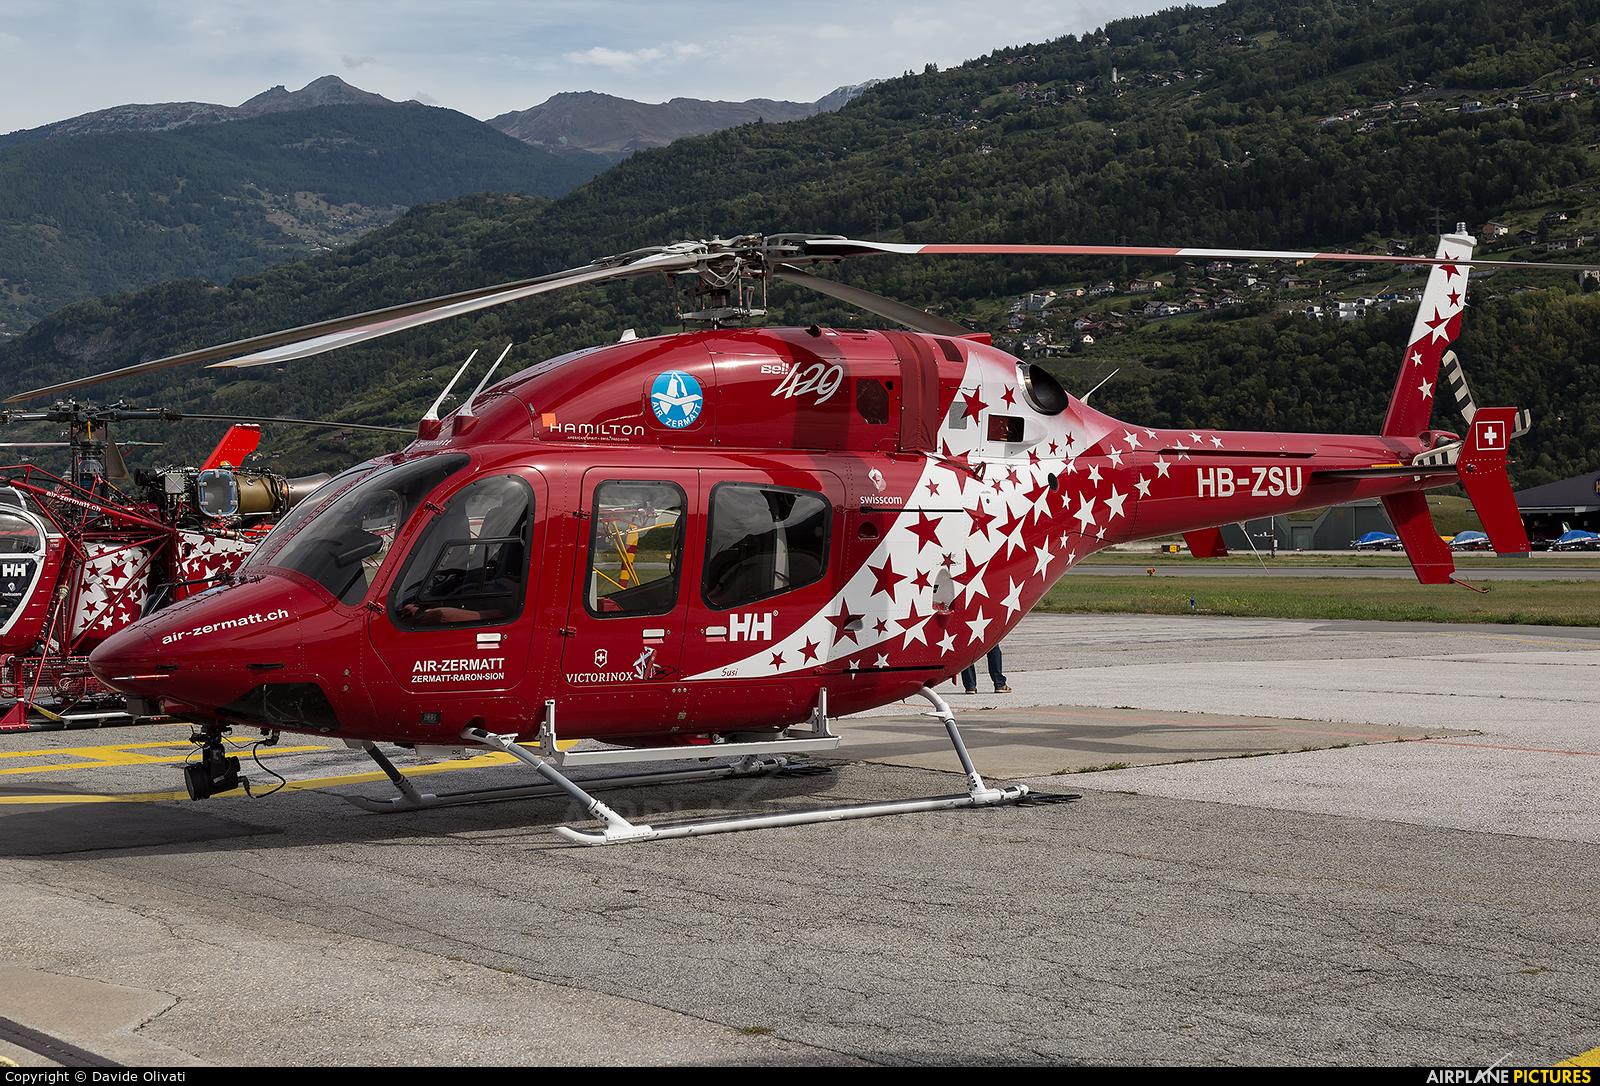 Air Zermatt HB-ZSU aircraft at Sion